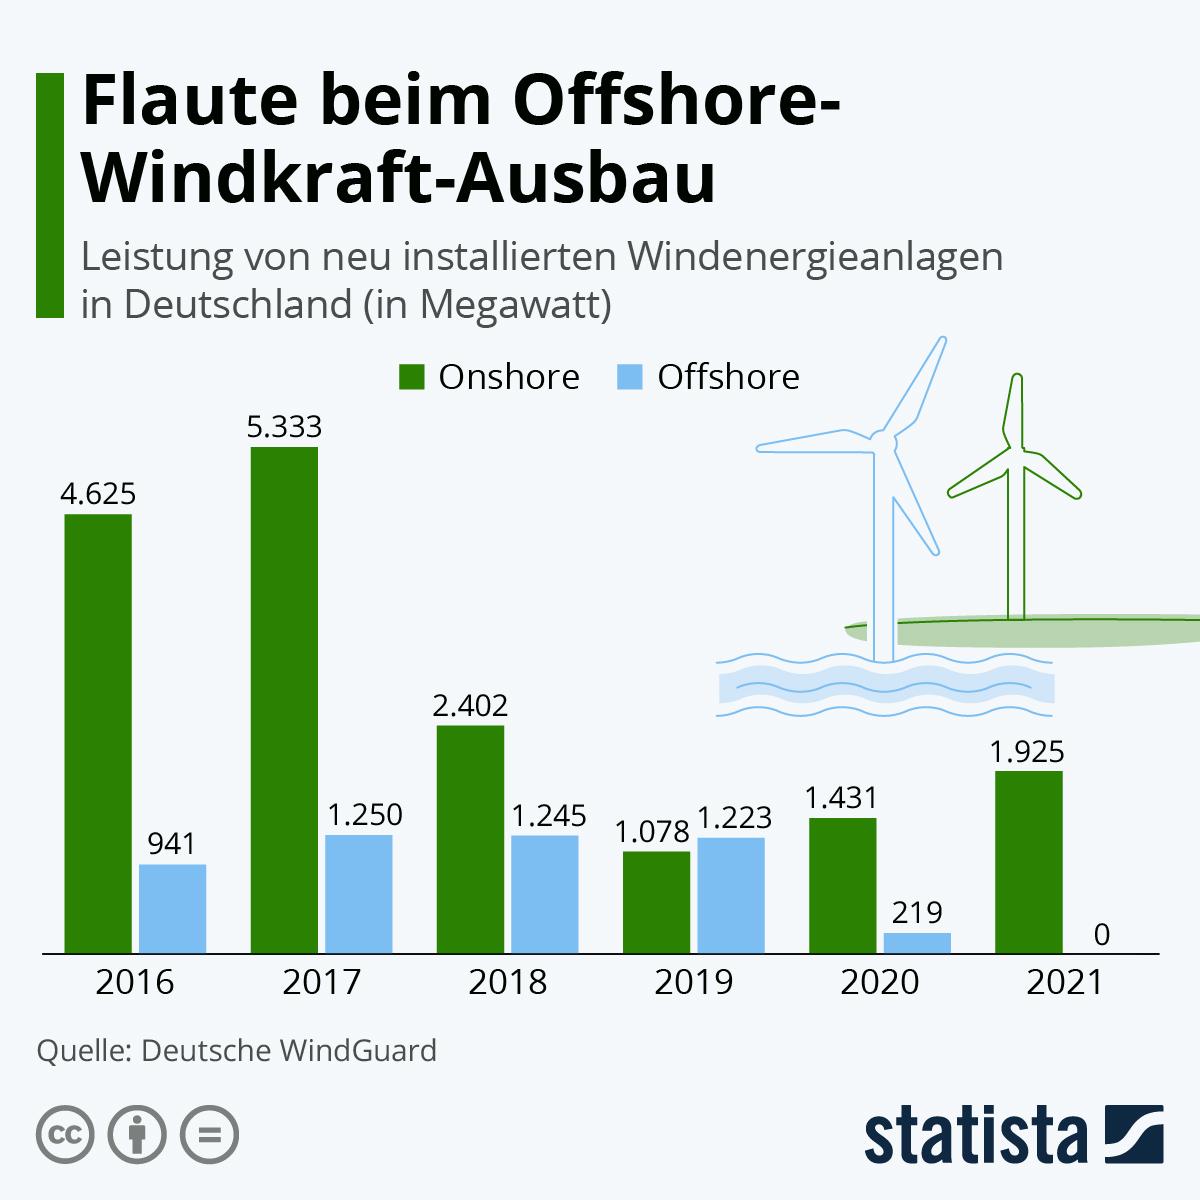 Flaute beim Windkraft-Ausbau | Statista